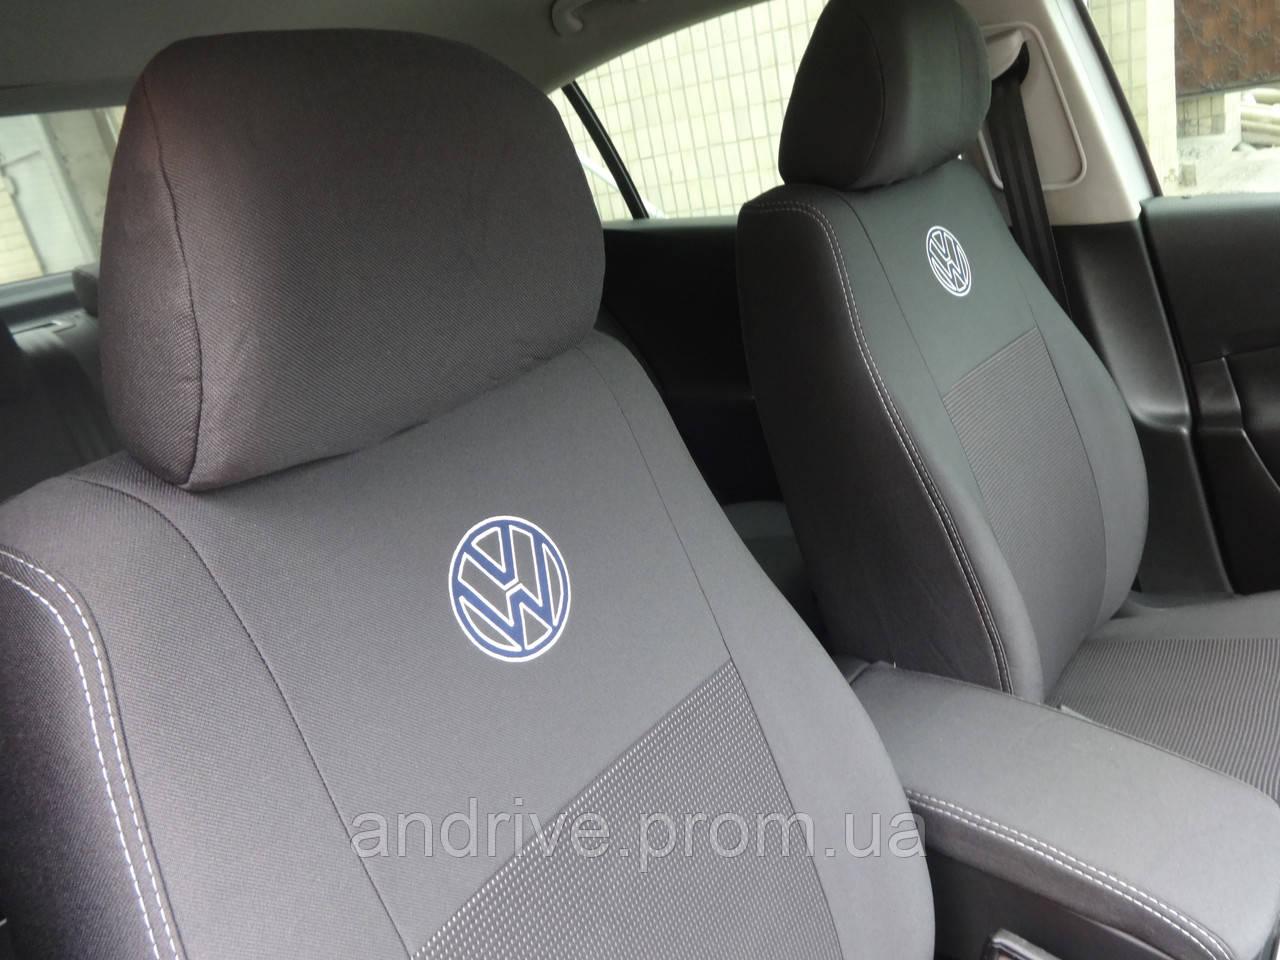 Авточехлы Volkswagen Beetle (Жук) 2006-2010 г